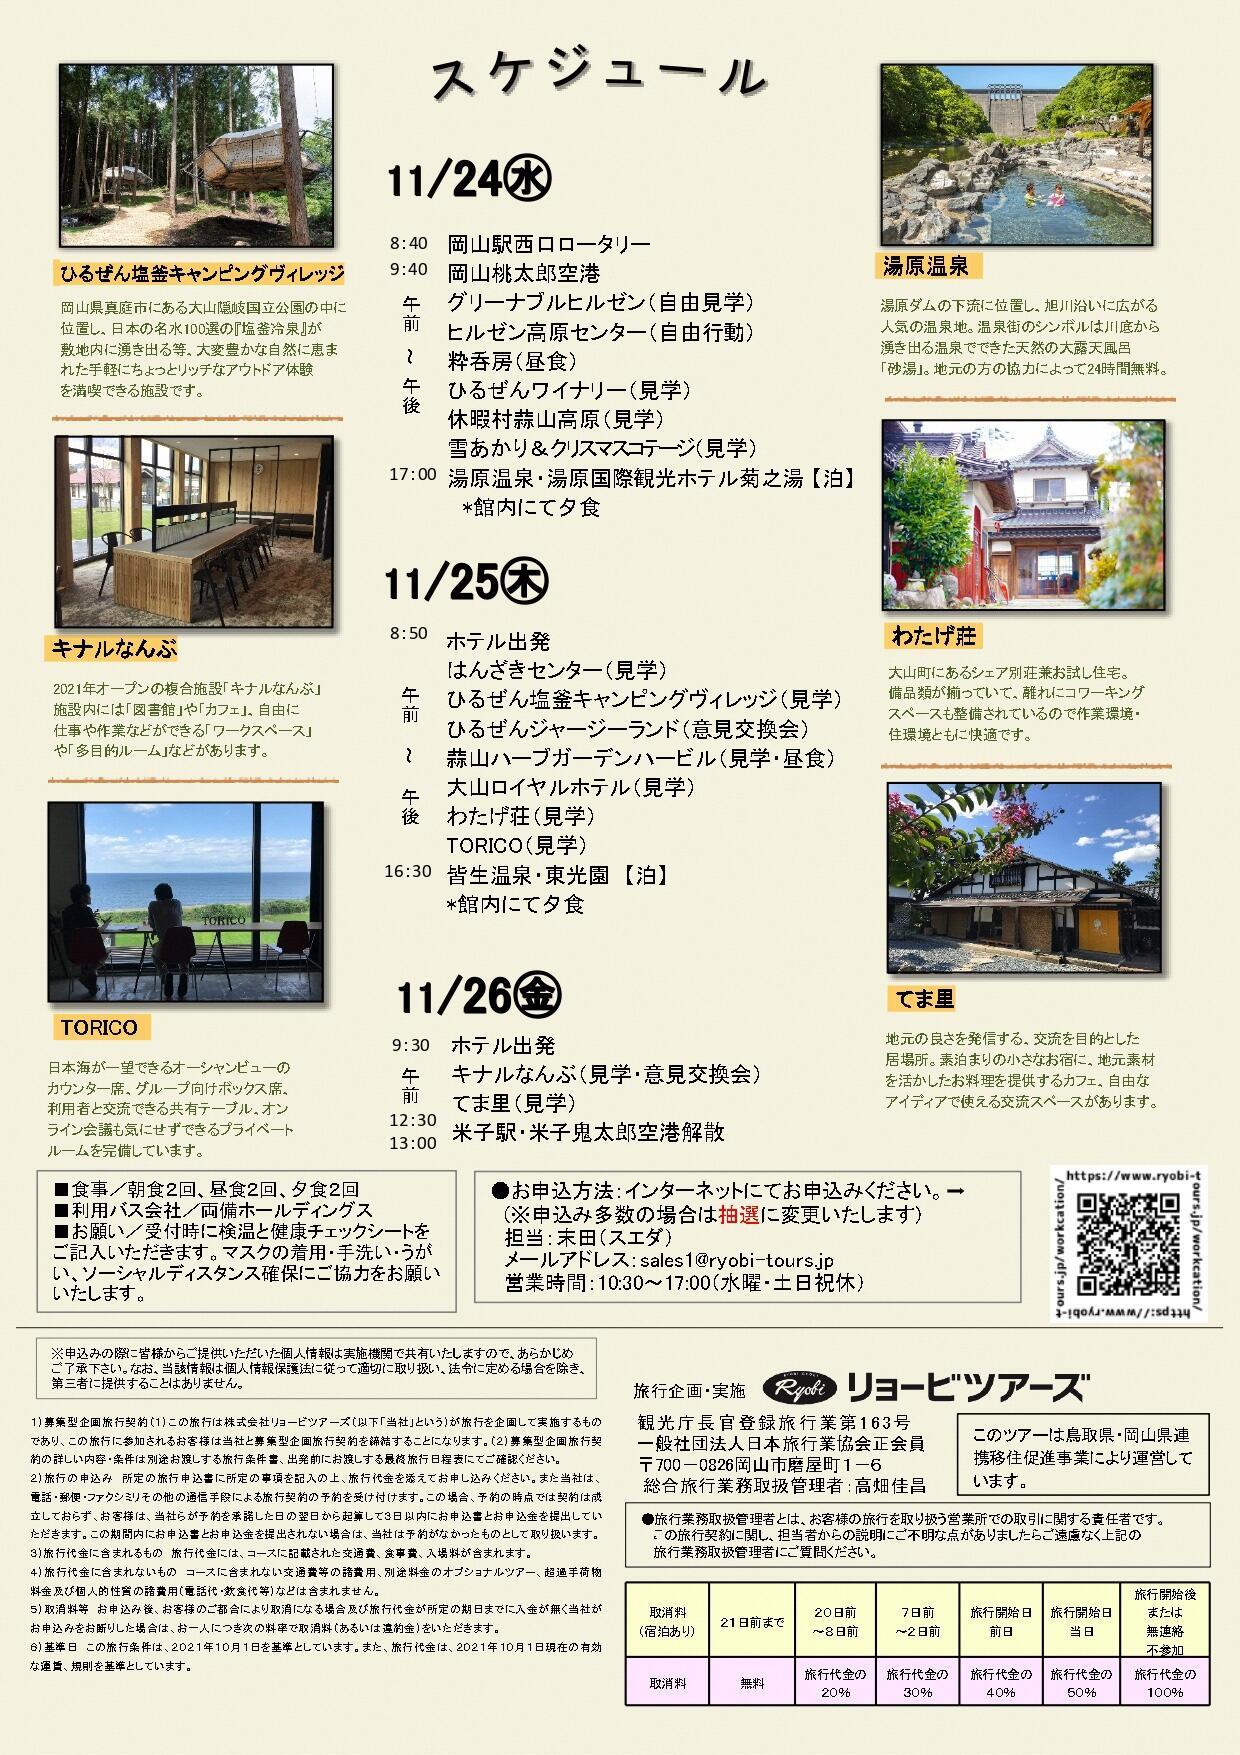 【定員10名】鳥取県・岡山県 国立公園ワーケーションツアーの参加者募集!!